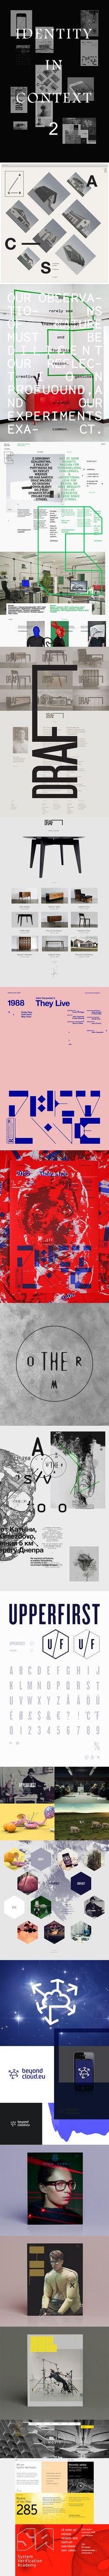 Inspiration Stuff http://www.behance.net/gallery/Identity-in-Context-II/6109351